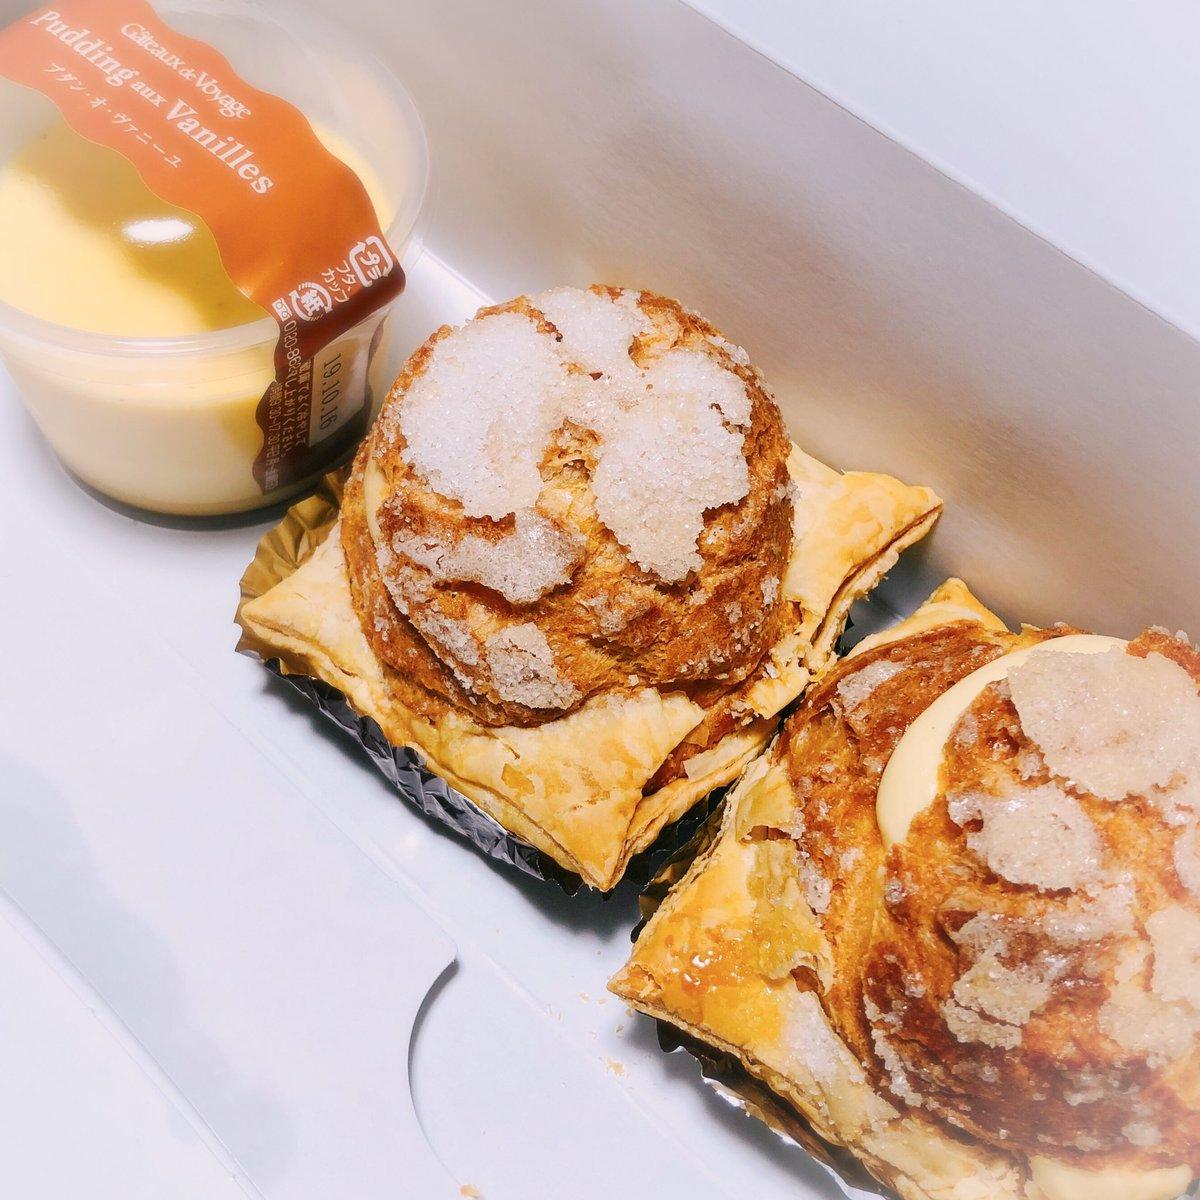 test ツイッターメディア - 普段あまり甘いものは食べないのですが…  今日はごほうびに買っちゃった💜 #横浜馬車道 #ガトードボワイヤージュ https://t.co/5pAj6nyo3m